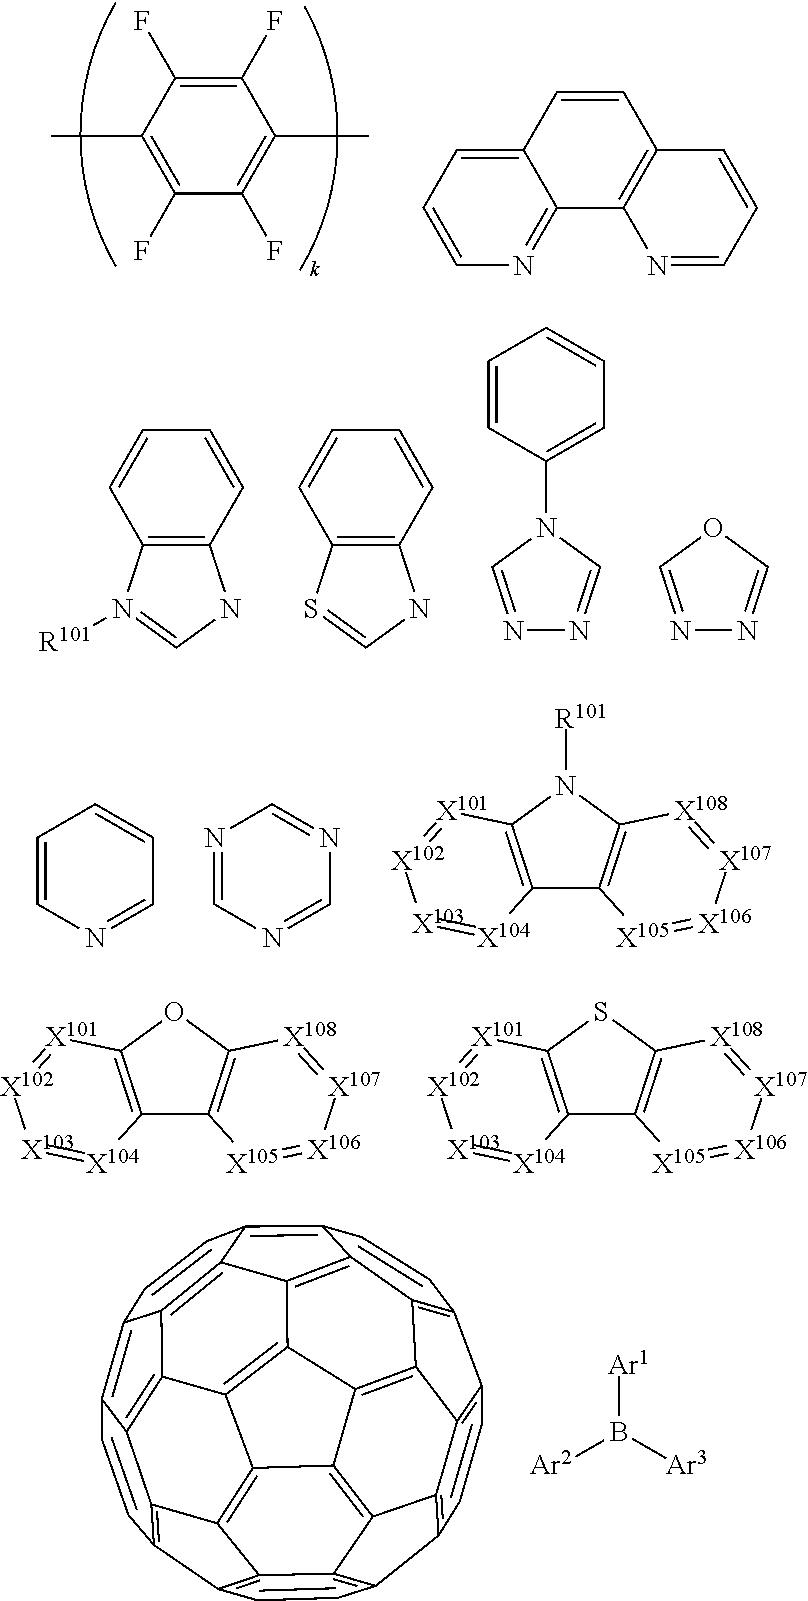 Figure US09450195-20160920-C00051